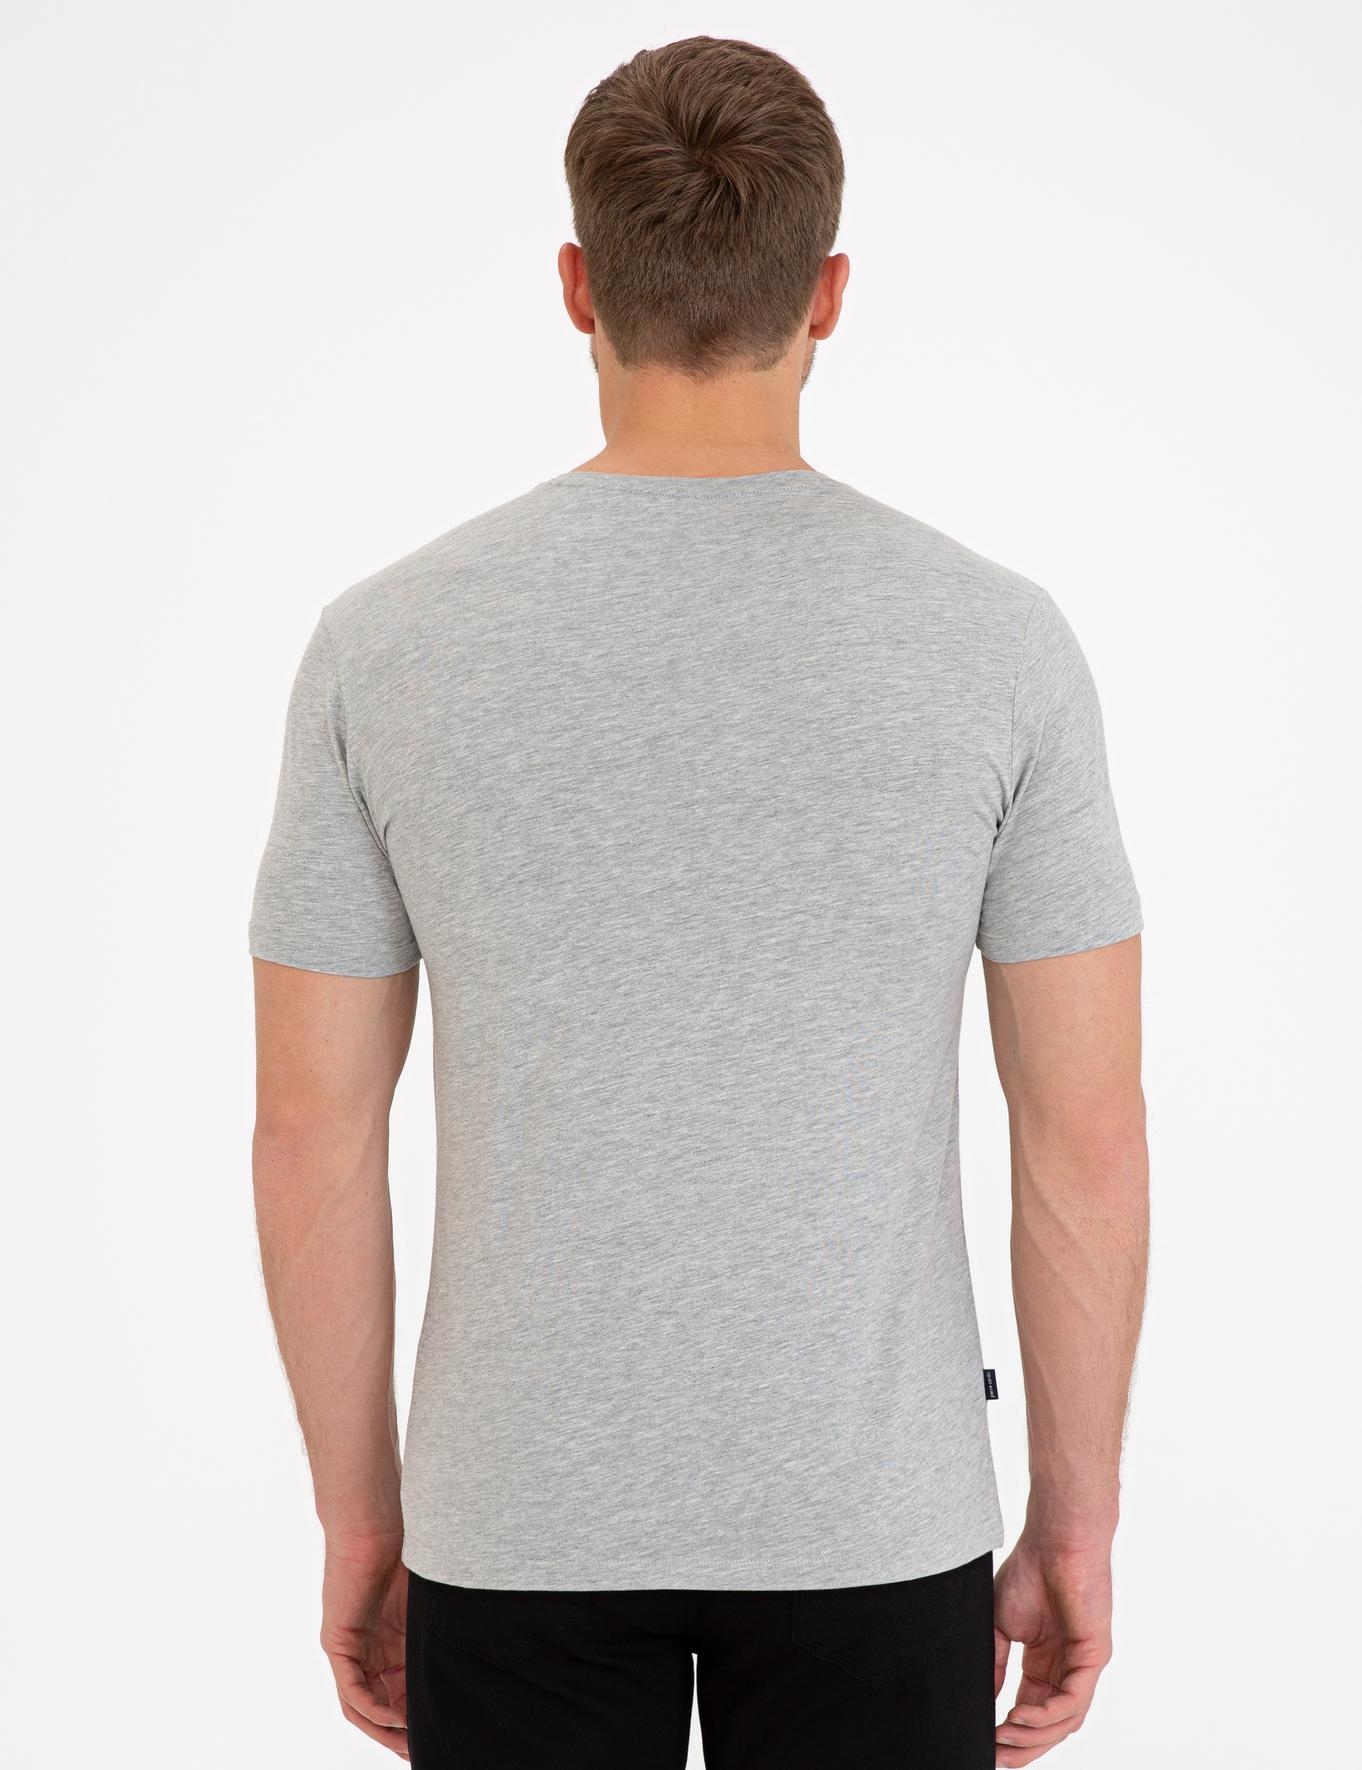 Açık Gri Melanj Slim Fit Bisiklet Yaka Basic T-Shirt